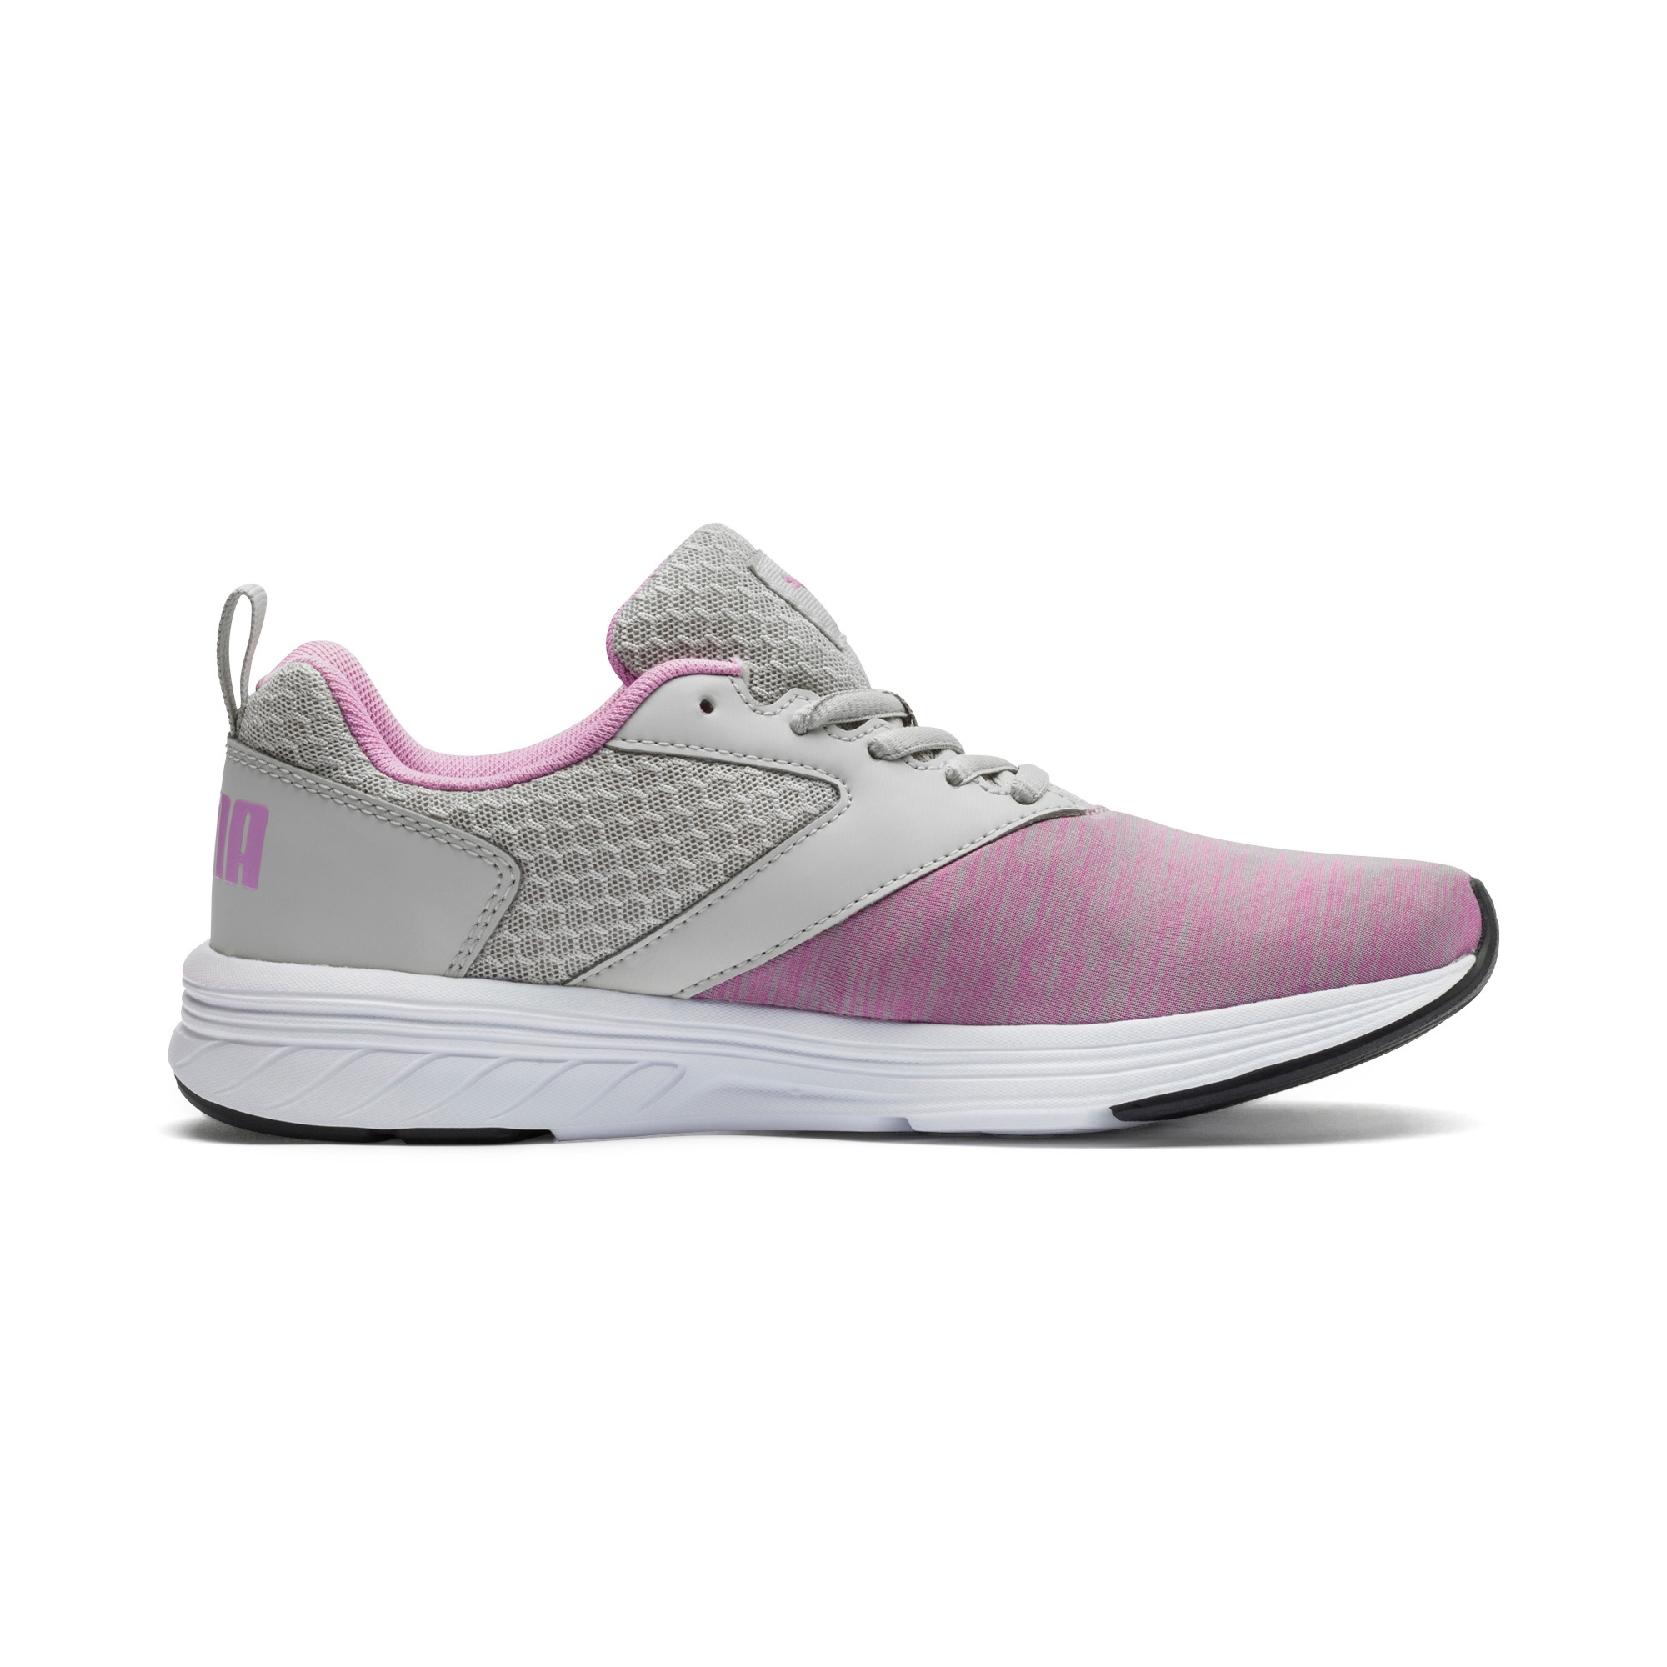 Puma Çocuk Yürüyüş Ayakkabısı 36 5001697527001 Ürün Resmi